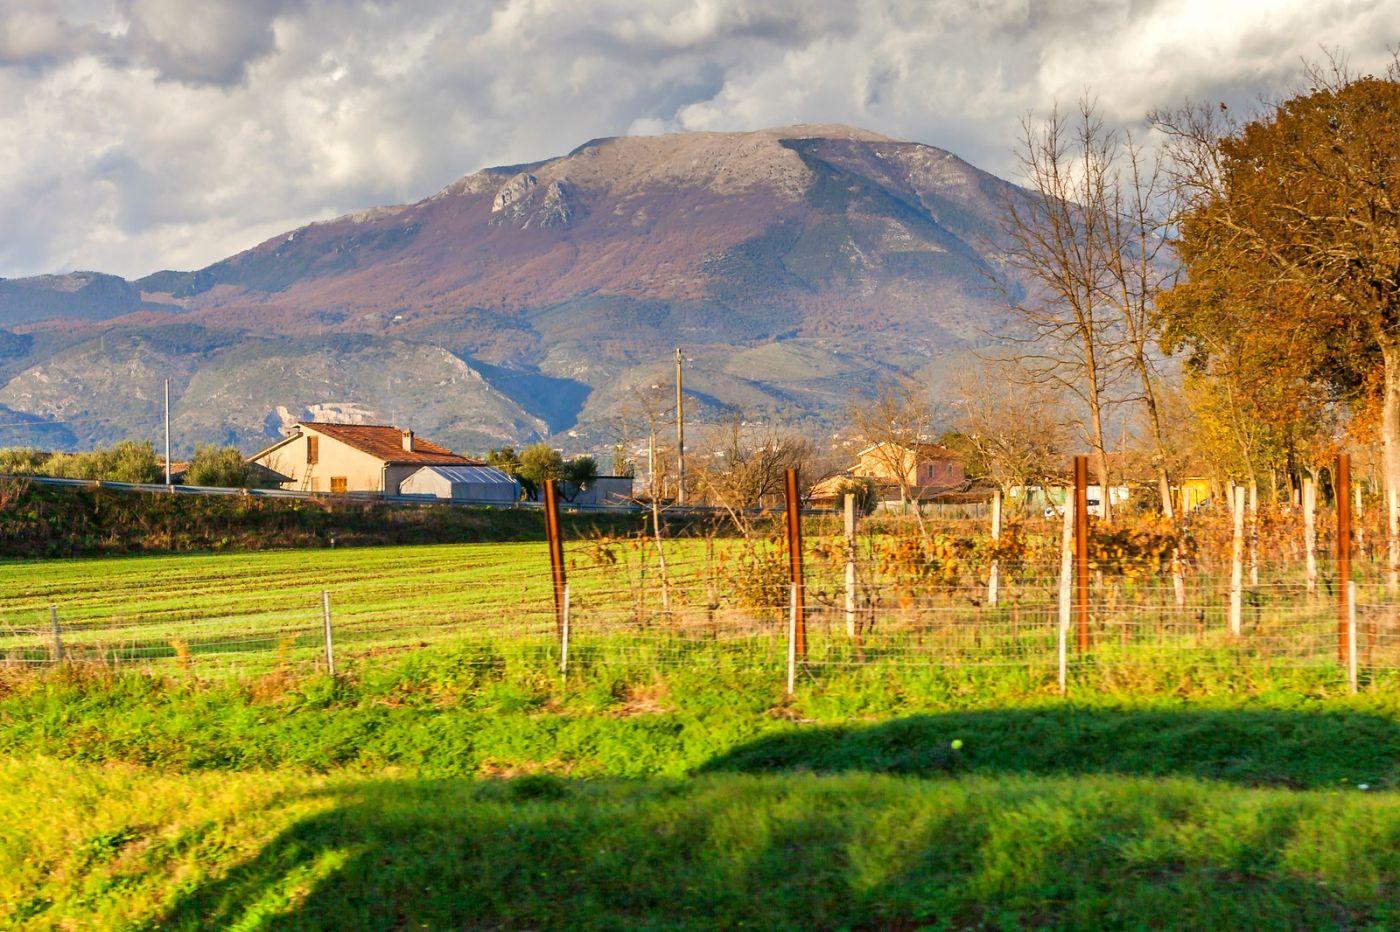 意大利路途,黄昏时的乡村_图1-36